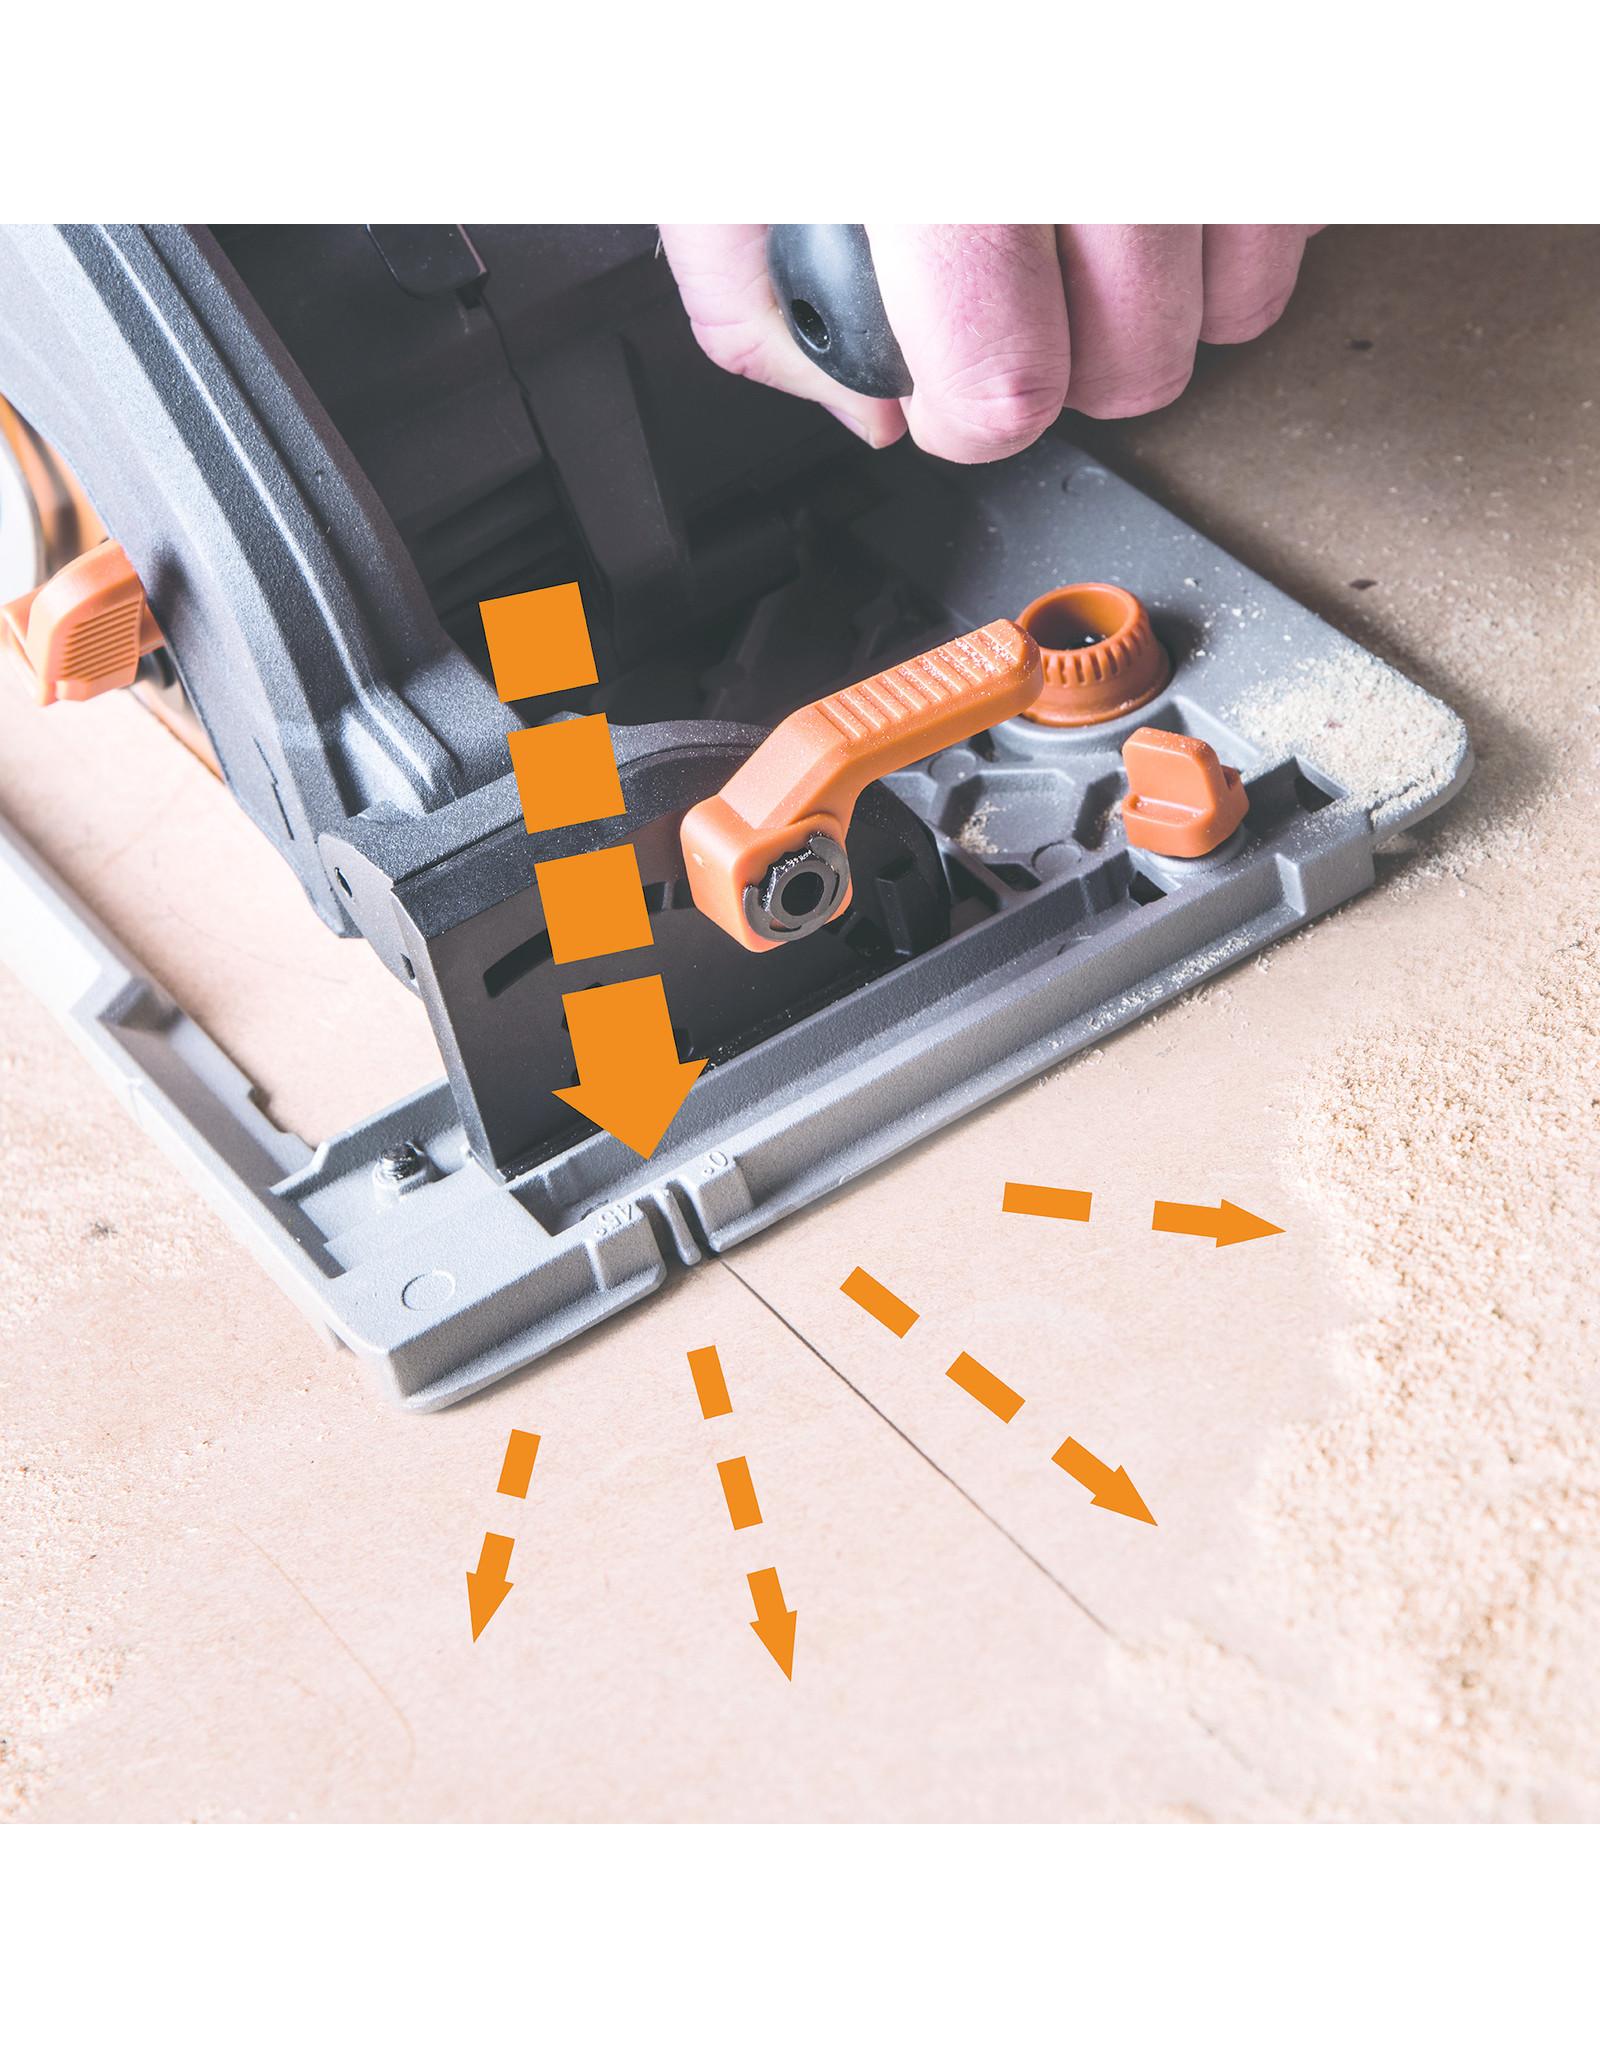 Evolution Power Tools Build Line SCIE CIRCULAIRE MULTIFONCTIONELLE RAGE R185 CCSX + 1 LAME GRATUITE